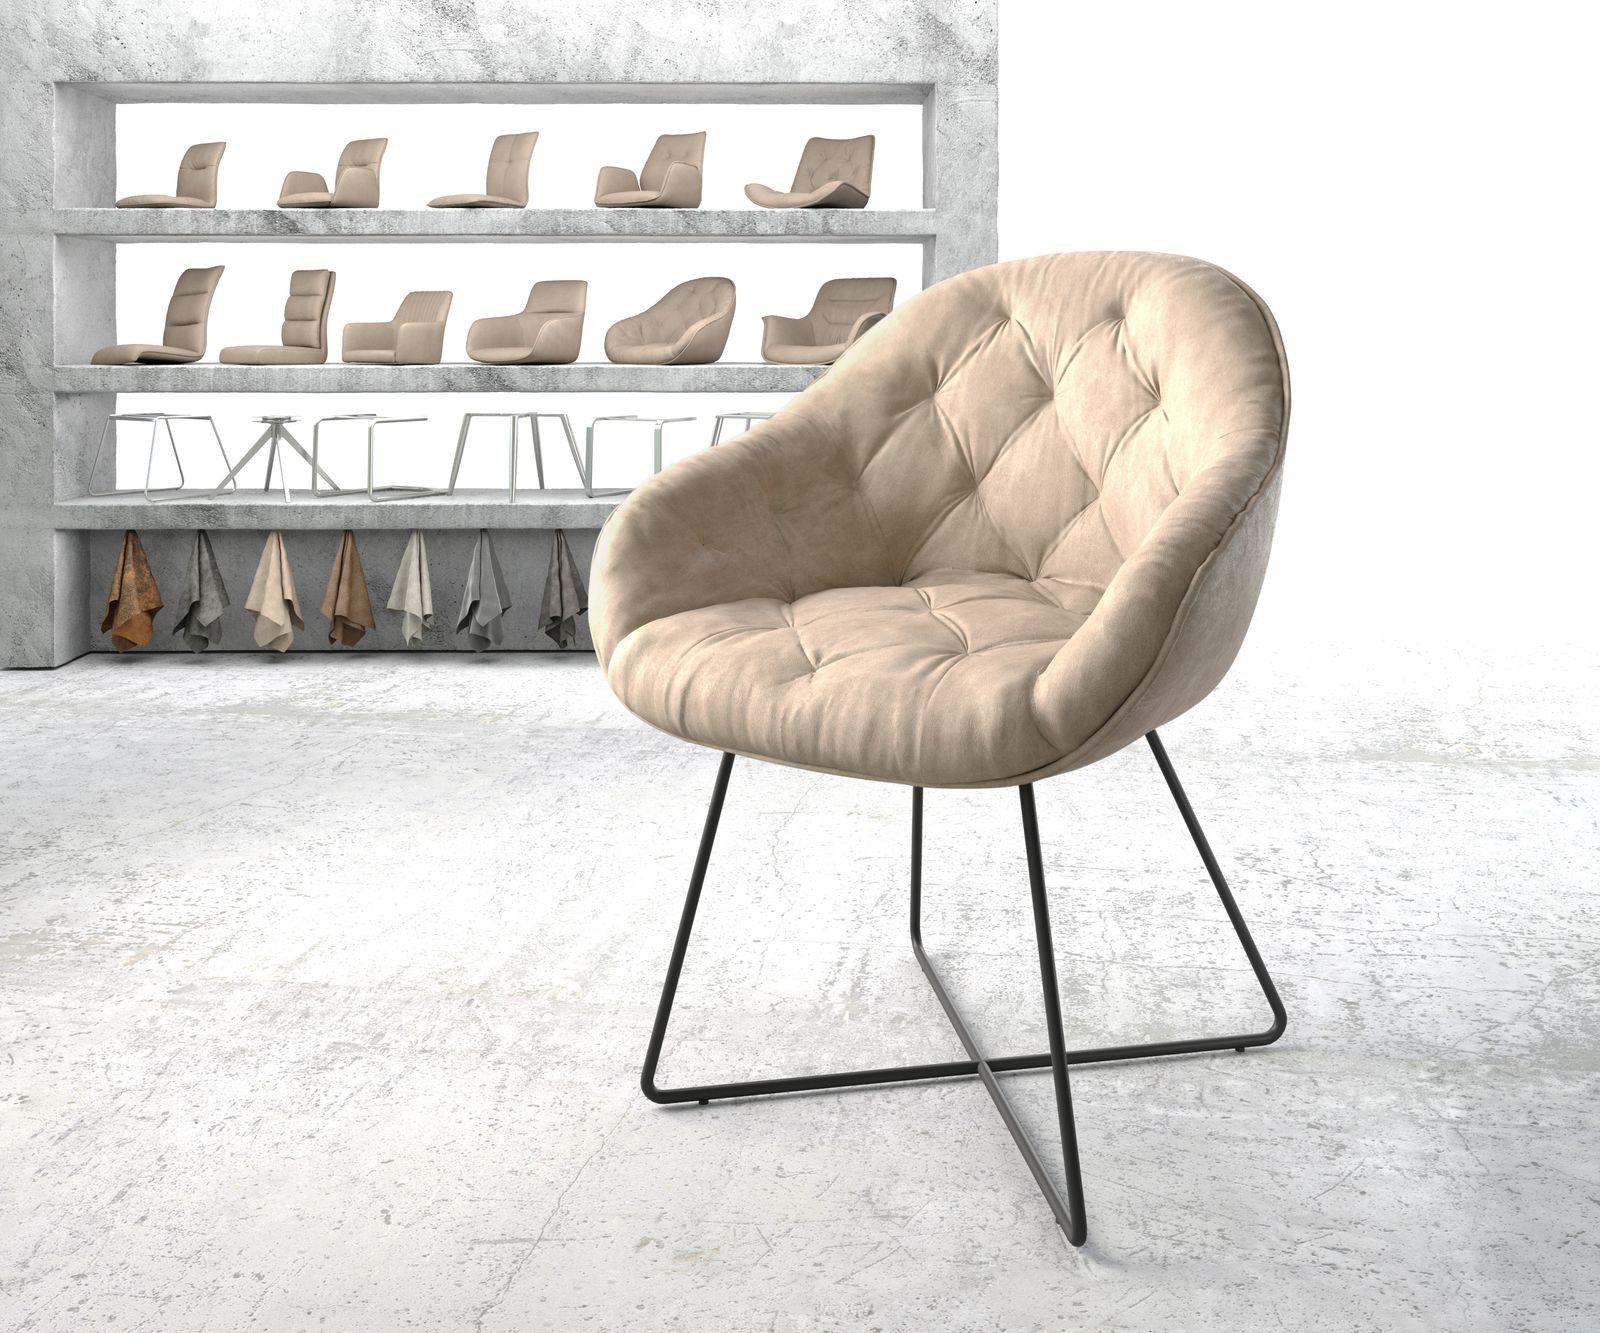 delife-armlehnstuhl-gaio-flex-beige-vintage-x-gestell-schwarz-esszimmerstuhle